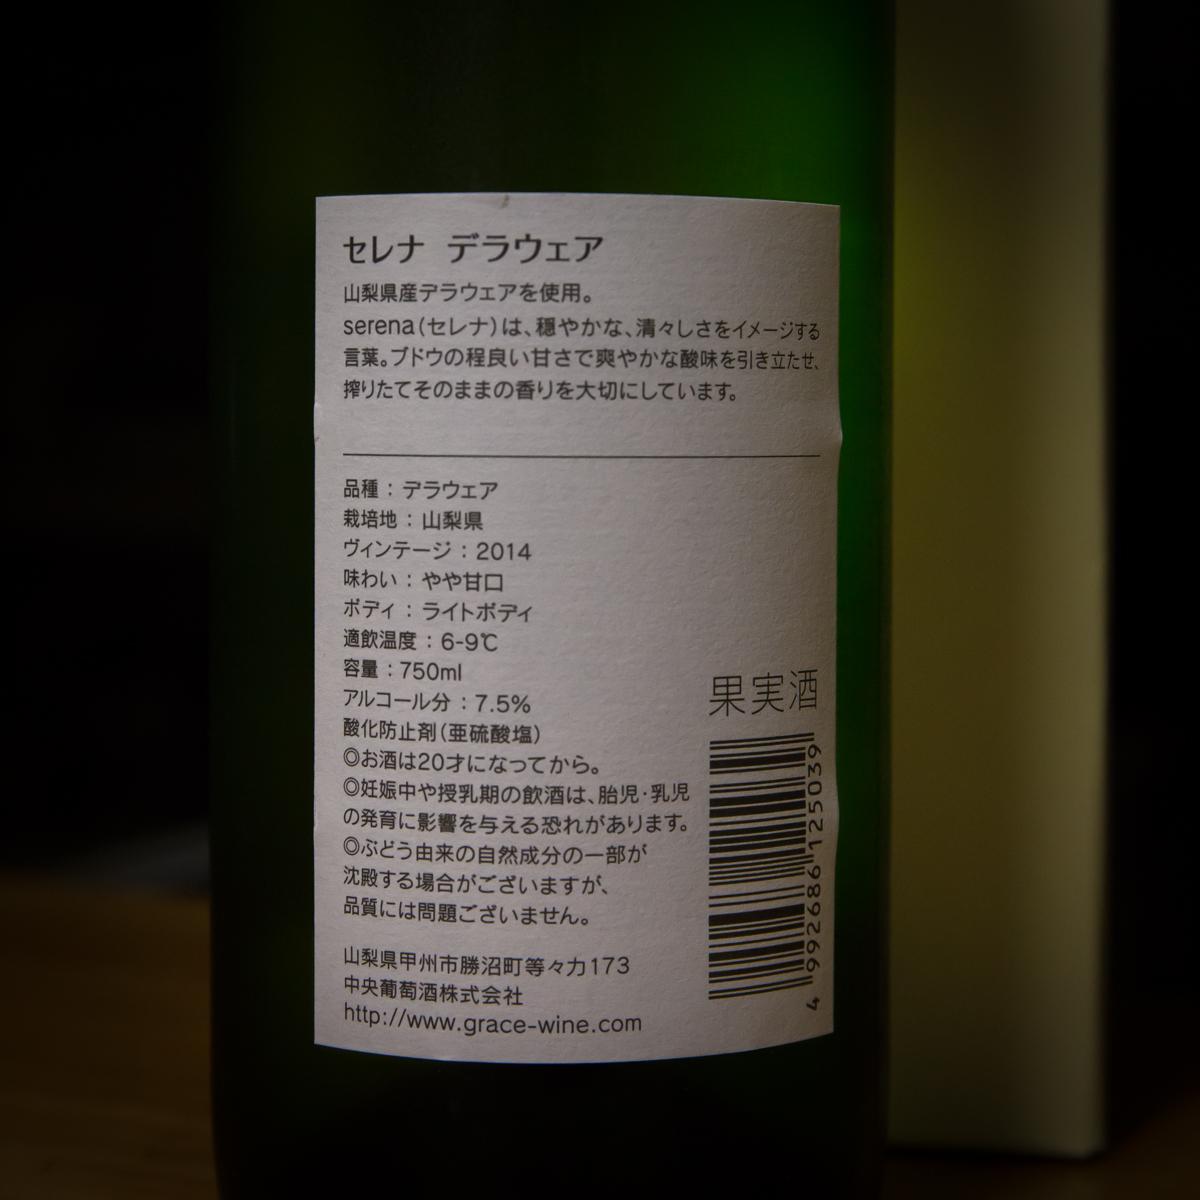 山梨のワイン2本(4)